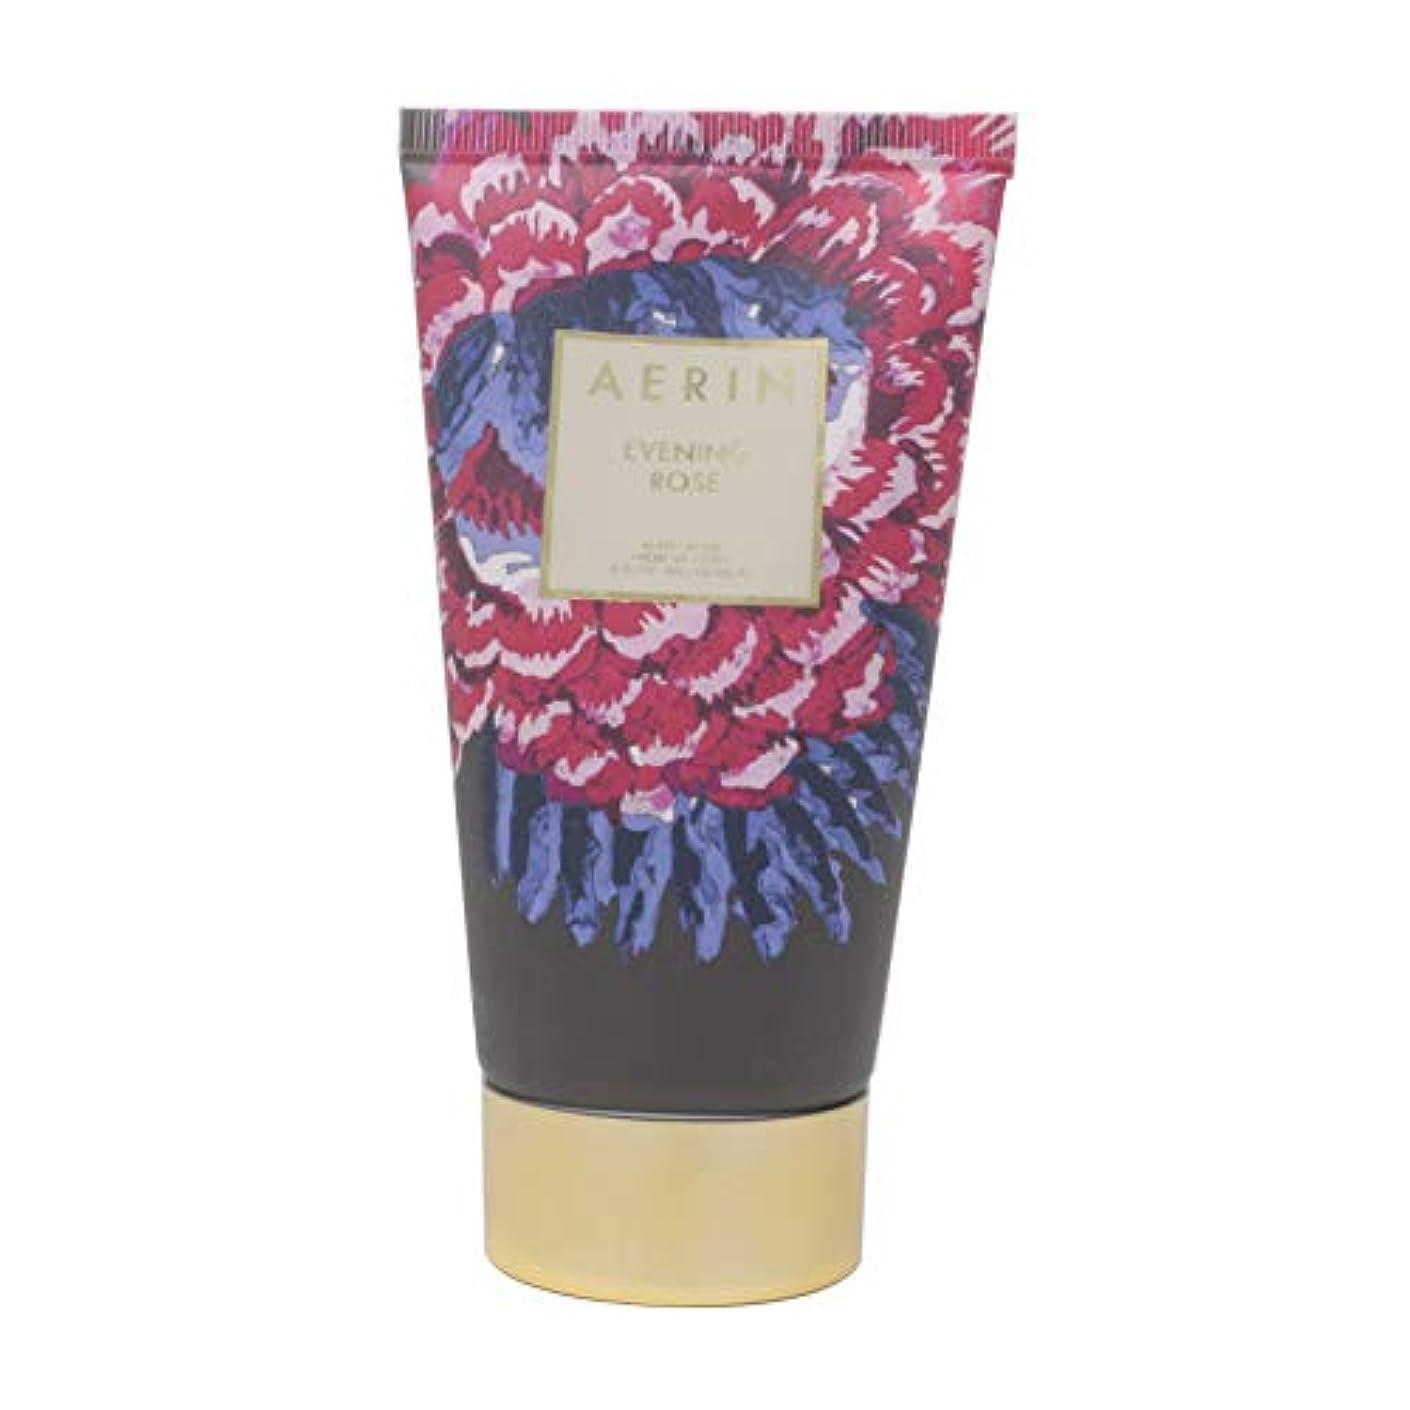 噴水到着するはいAERIN 'Evening Rose' (アエリン イブニング ローズ) 5.0 oz (150ml) Body Cream ボディークリーム by Estee Lauder for Women